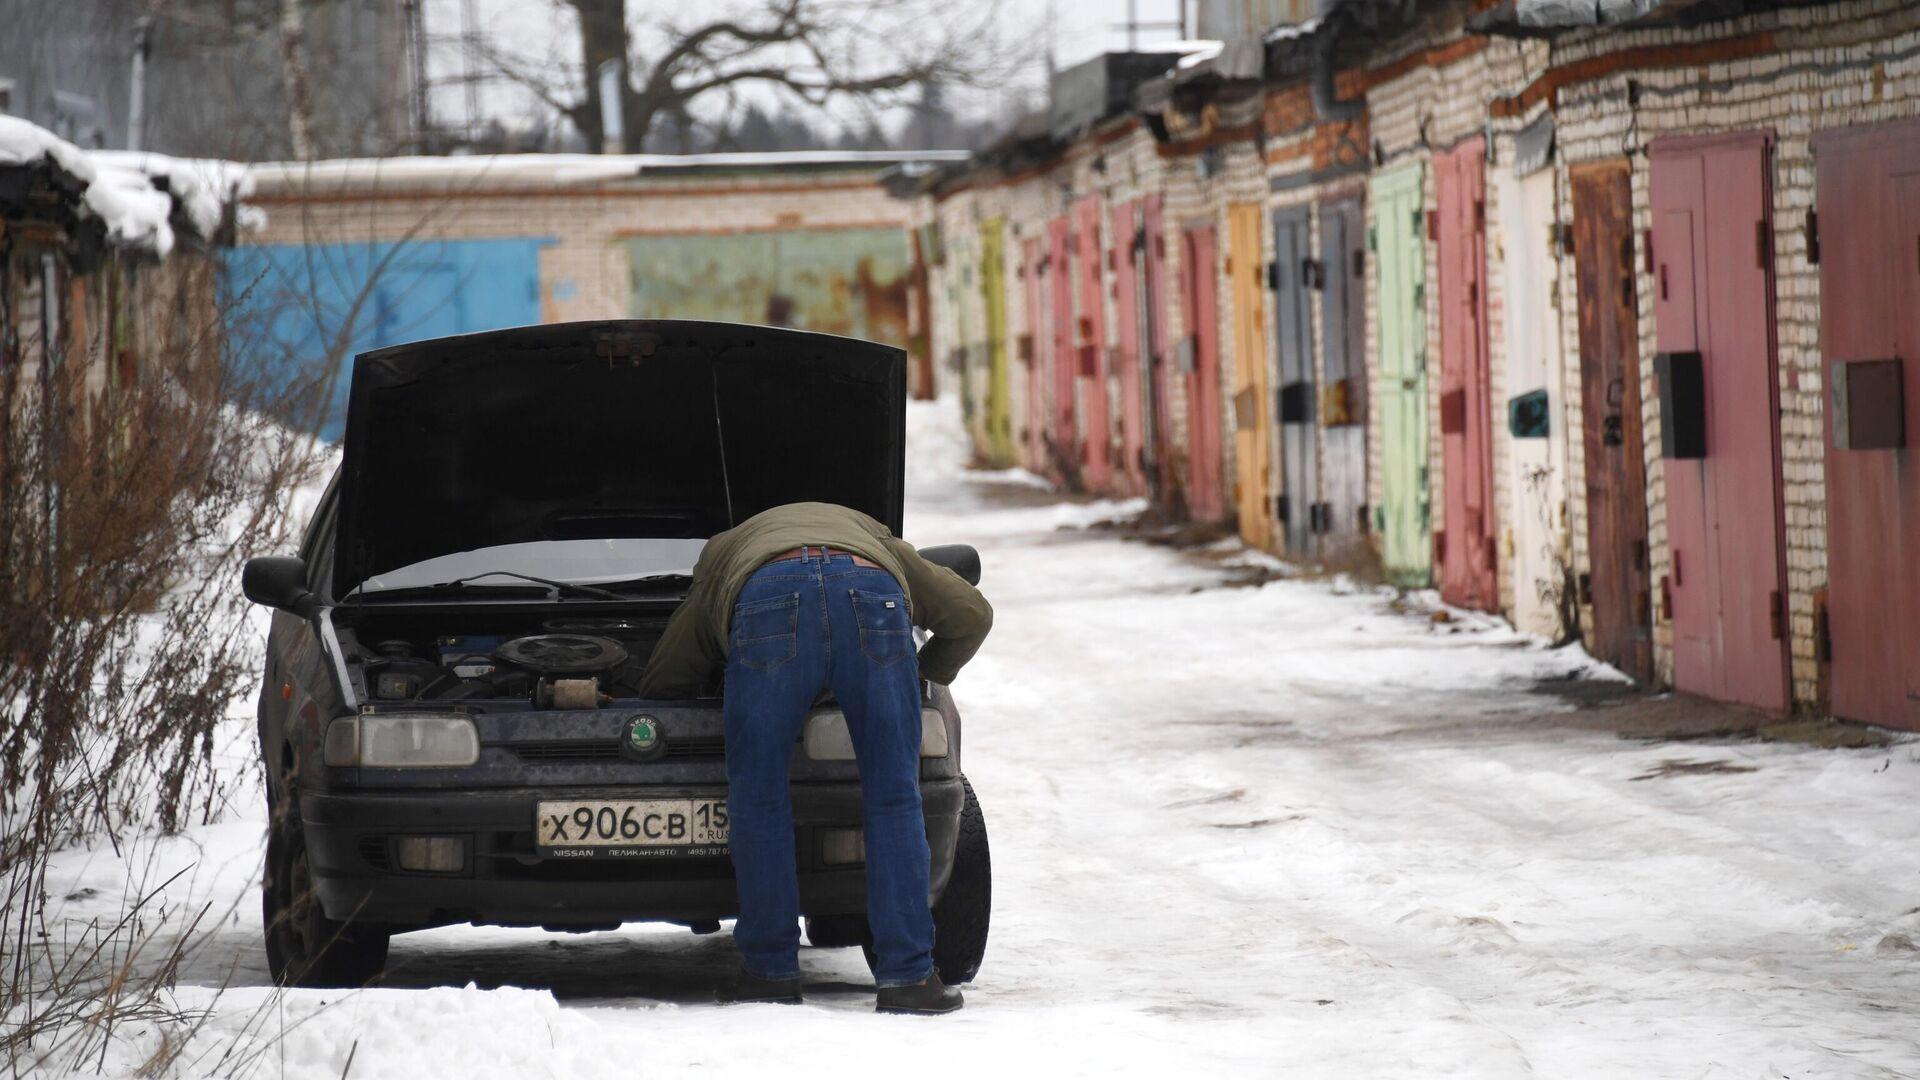 Частные гаражи в Москве - РИА Новости, 1920, 10.01.2021